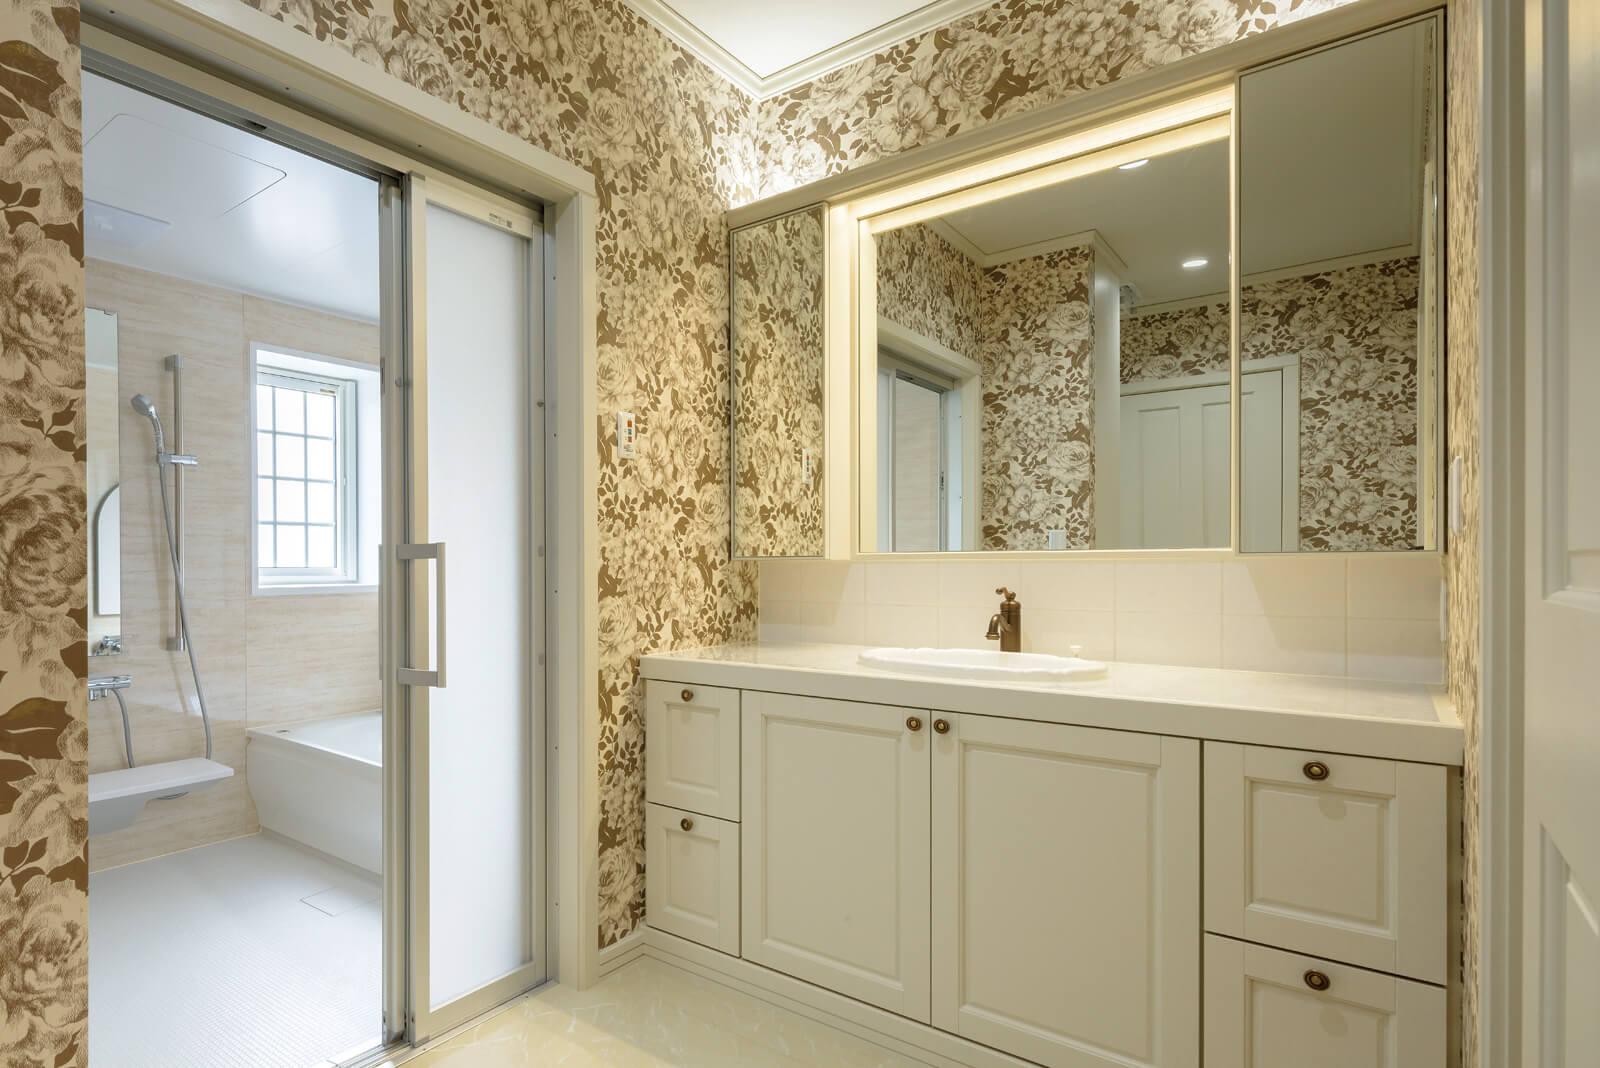 造作仕上げの洗面室。古き良き時代の洋館がそうであったように、適材適所に造作家具をレイアウト。それぞれの用途、配置場所に合わせてデザインから起こした家具はどれも機能性に優れている